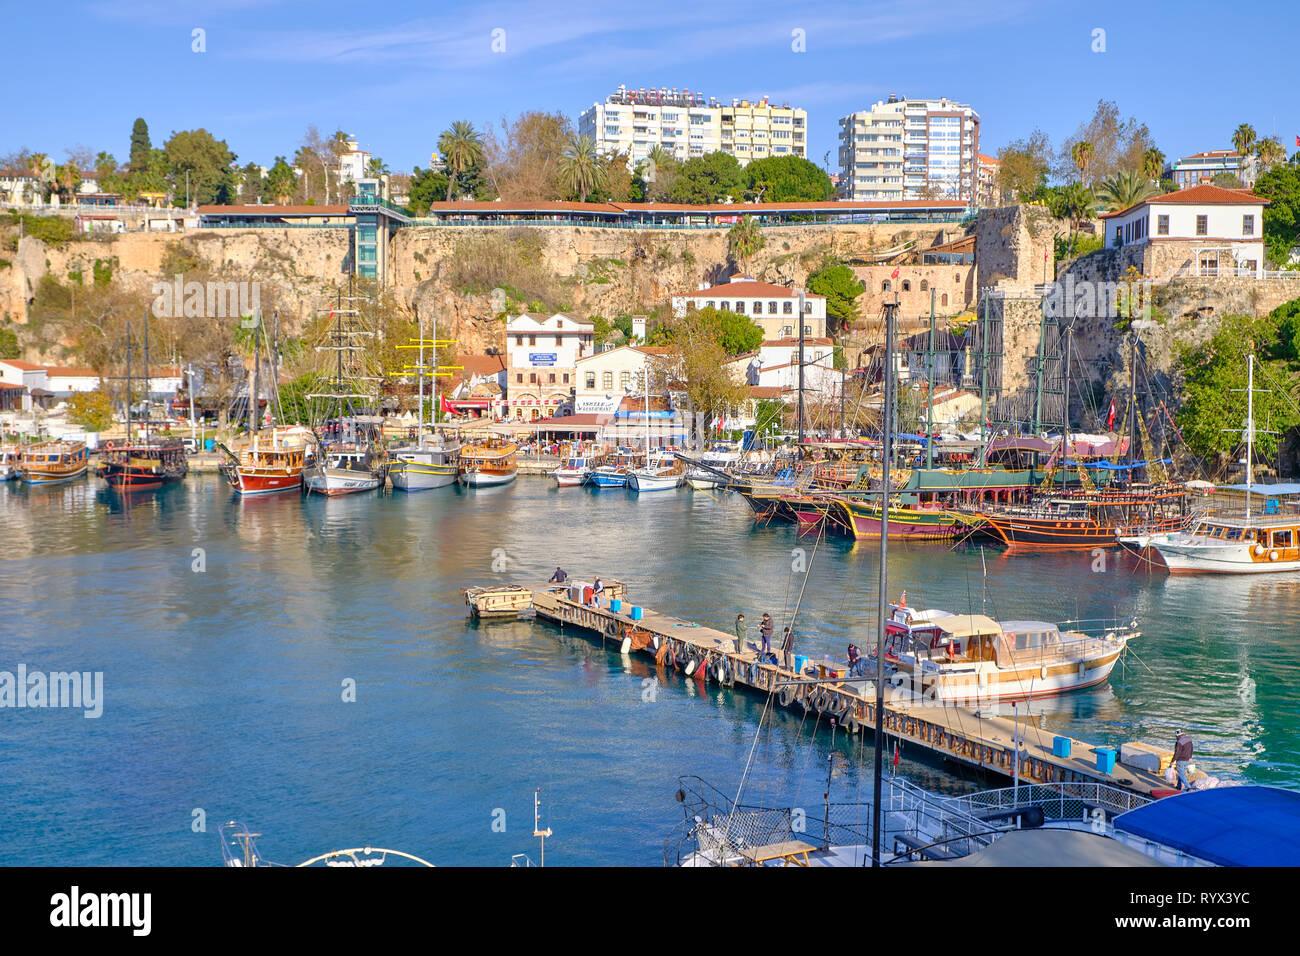 Antalya marina as seen from the city ramparts. Antalya, Turkey - Stock Photo